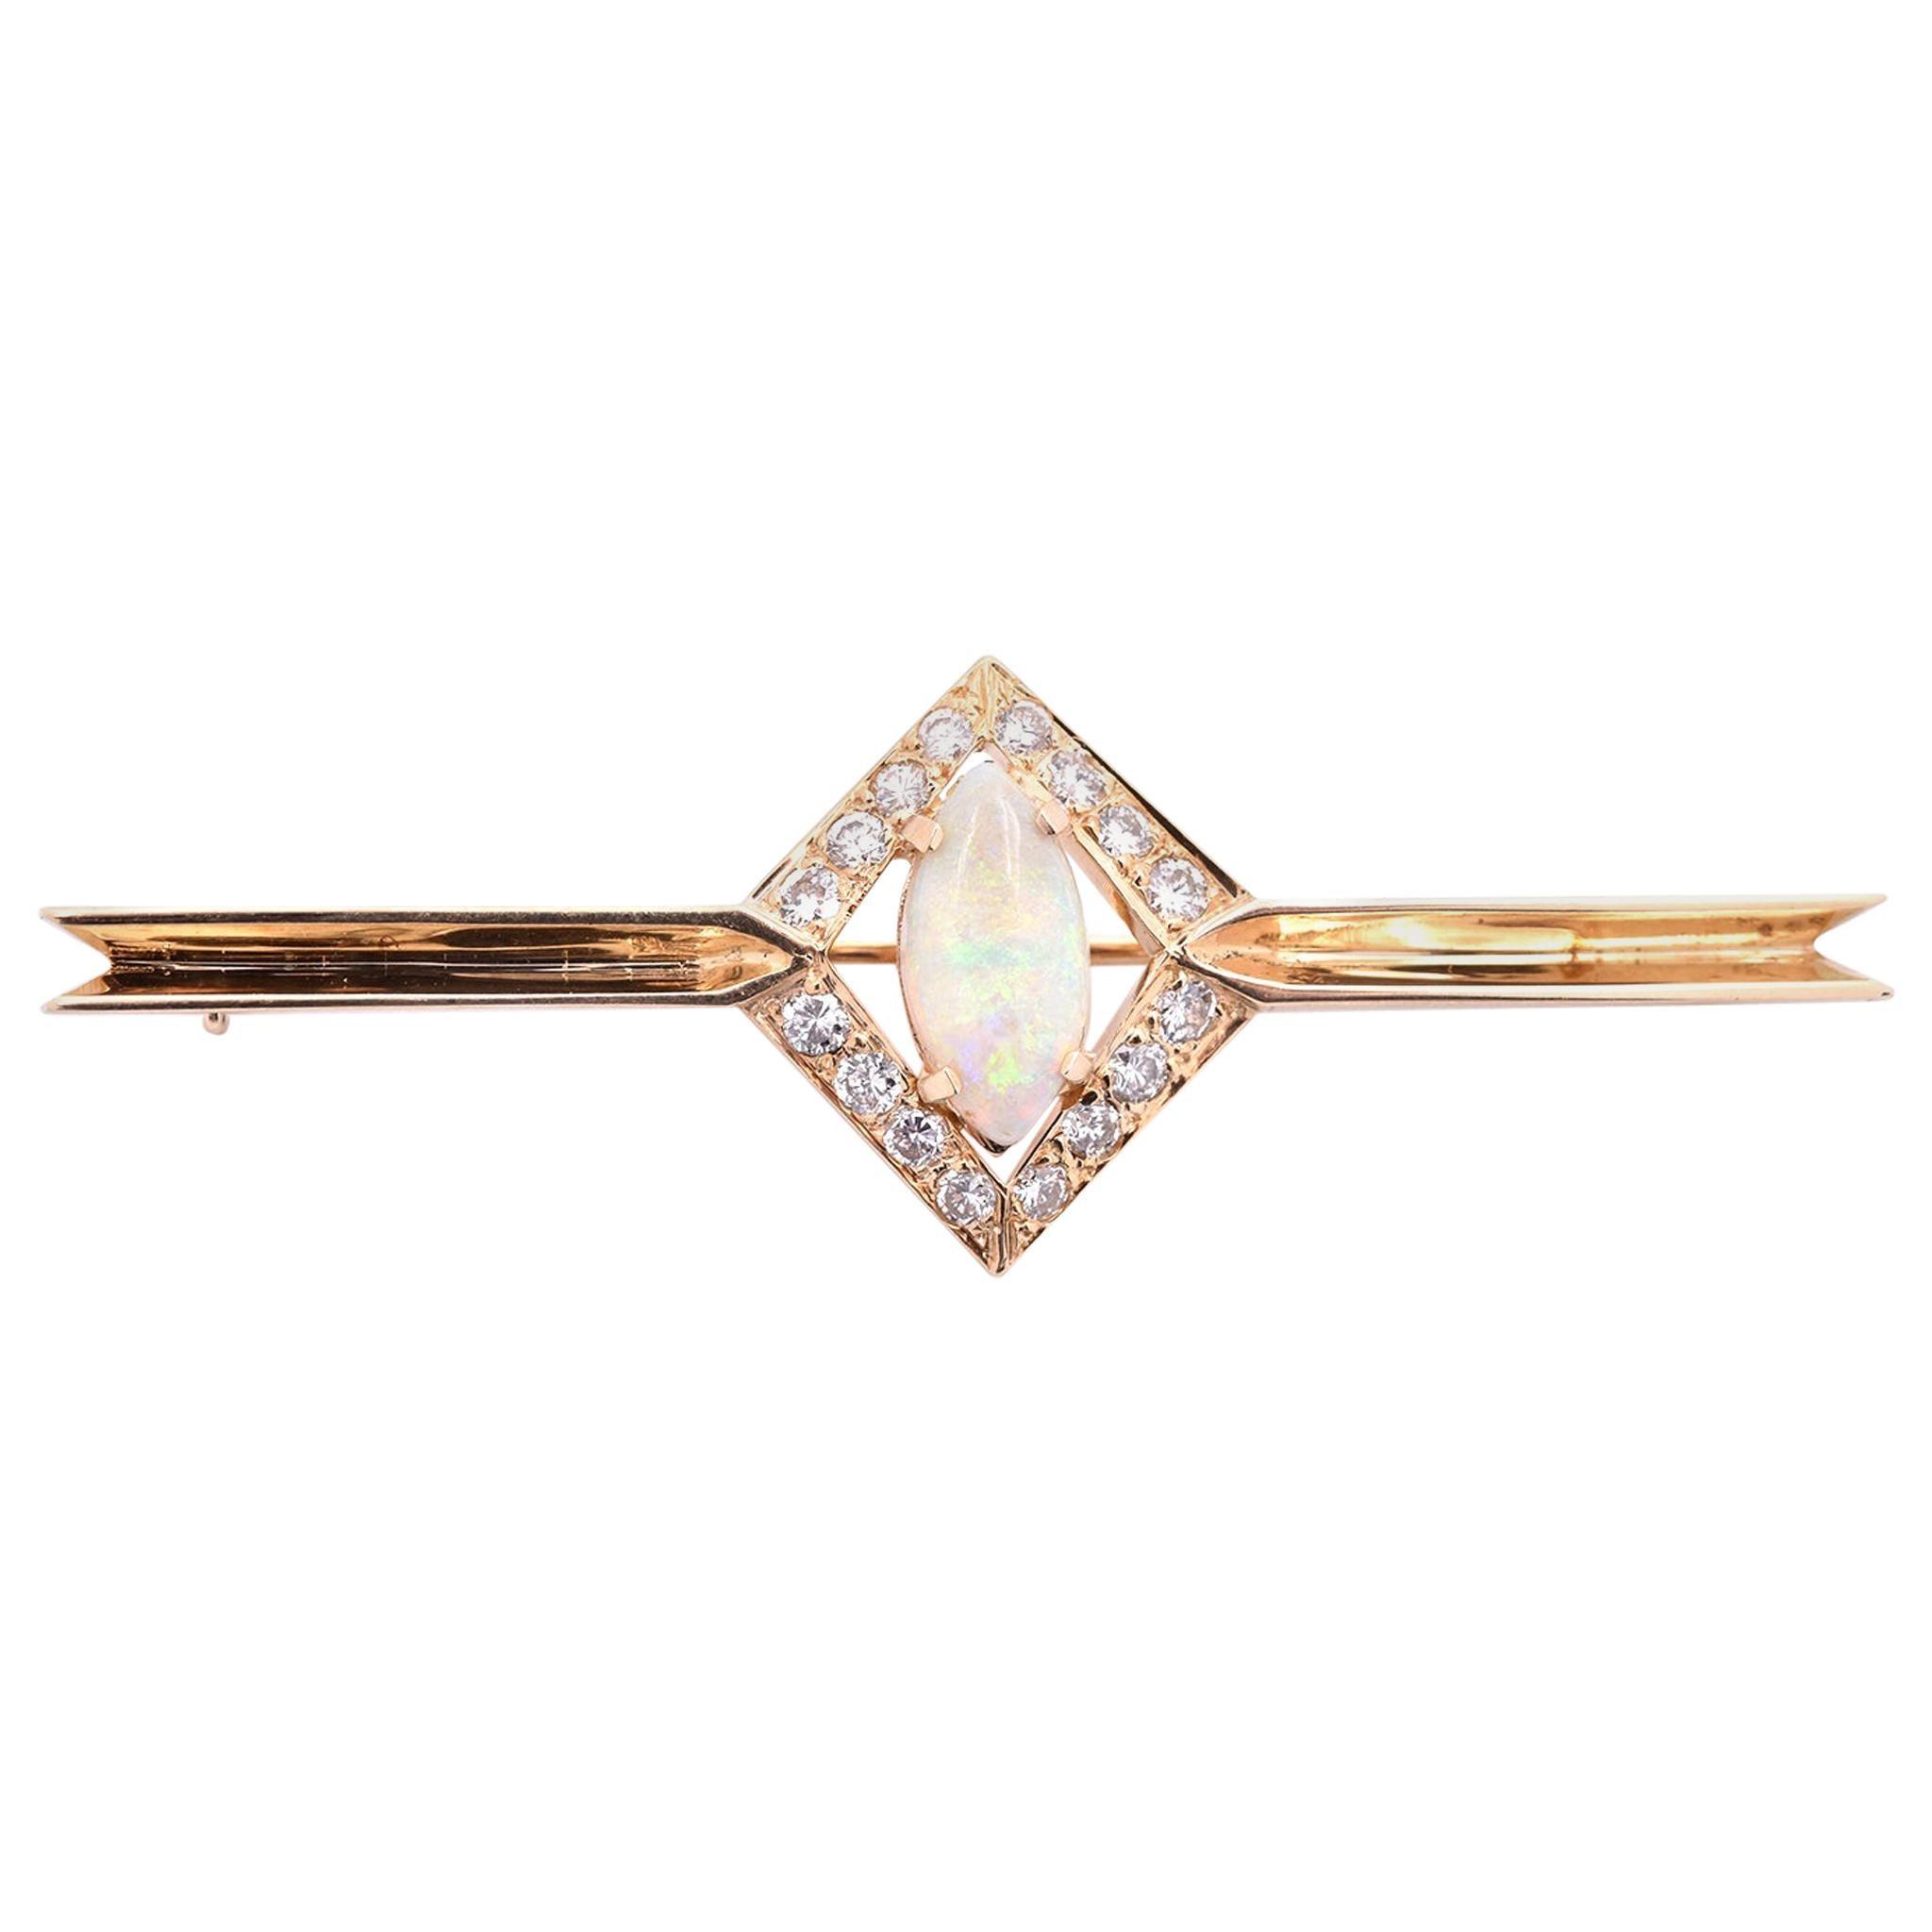 14 Karat Yellow Gold Opal and Diamond Bar Pin